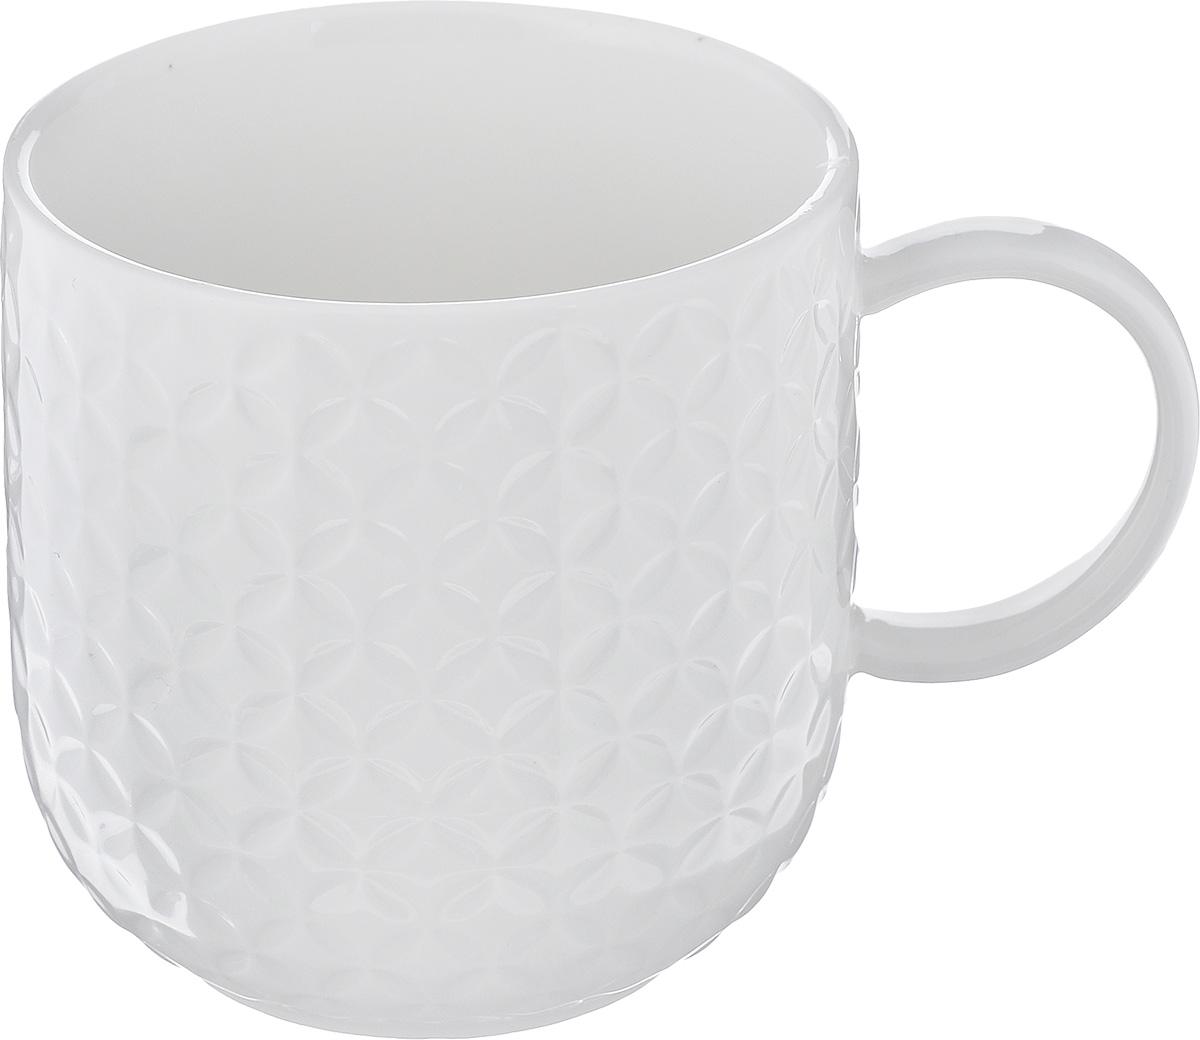 Кружка Walmer Quincy, цвет: белый, 350 млW07520035Кружка Walmer Quincy изготовлена из высококачественного фарфора. Изделие оформлено изысканным рельефным орнаментом.Такая кружка прекрасно оформит стол к чаепитию и станет его неизменным атрибутом. Не рекомендуется применять абразивные моющие средства.Диаметр (по верхнему краю): 8 см.Высота: 8,5 см.